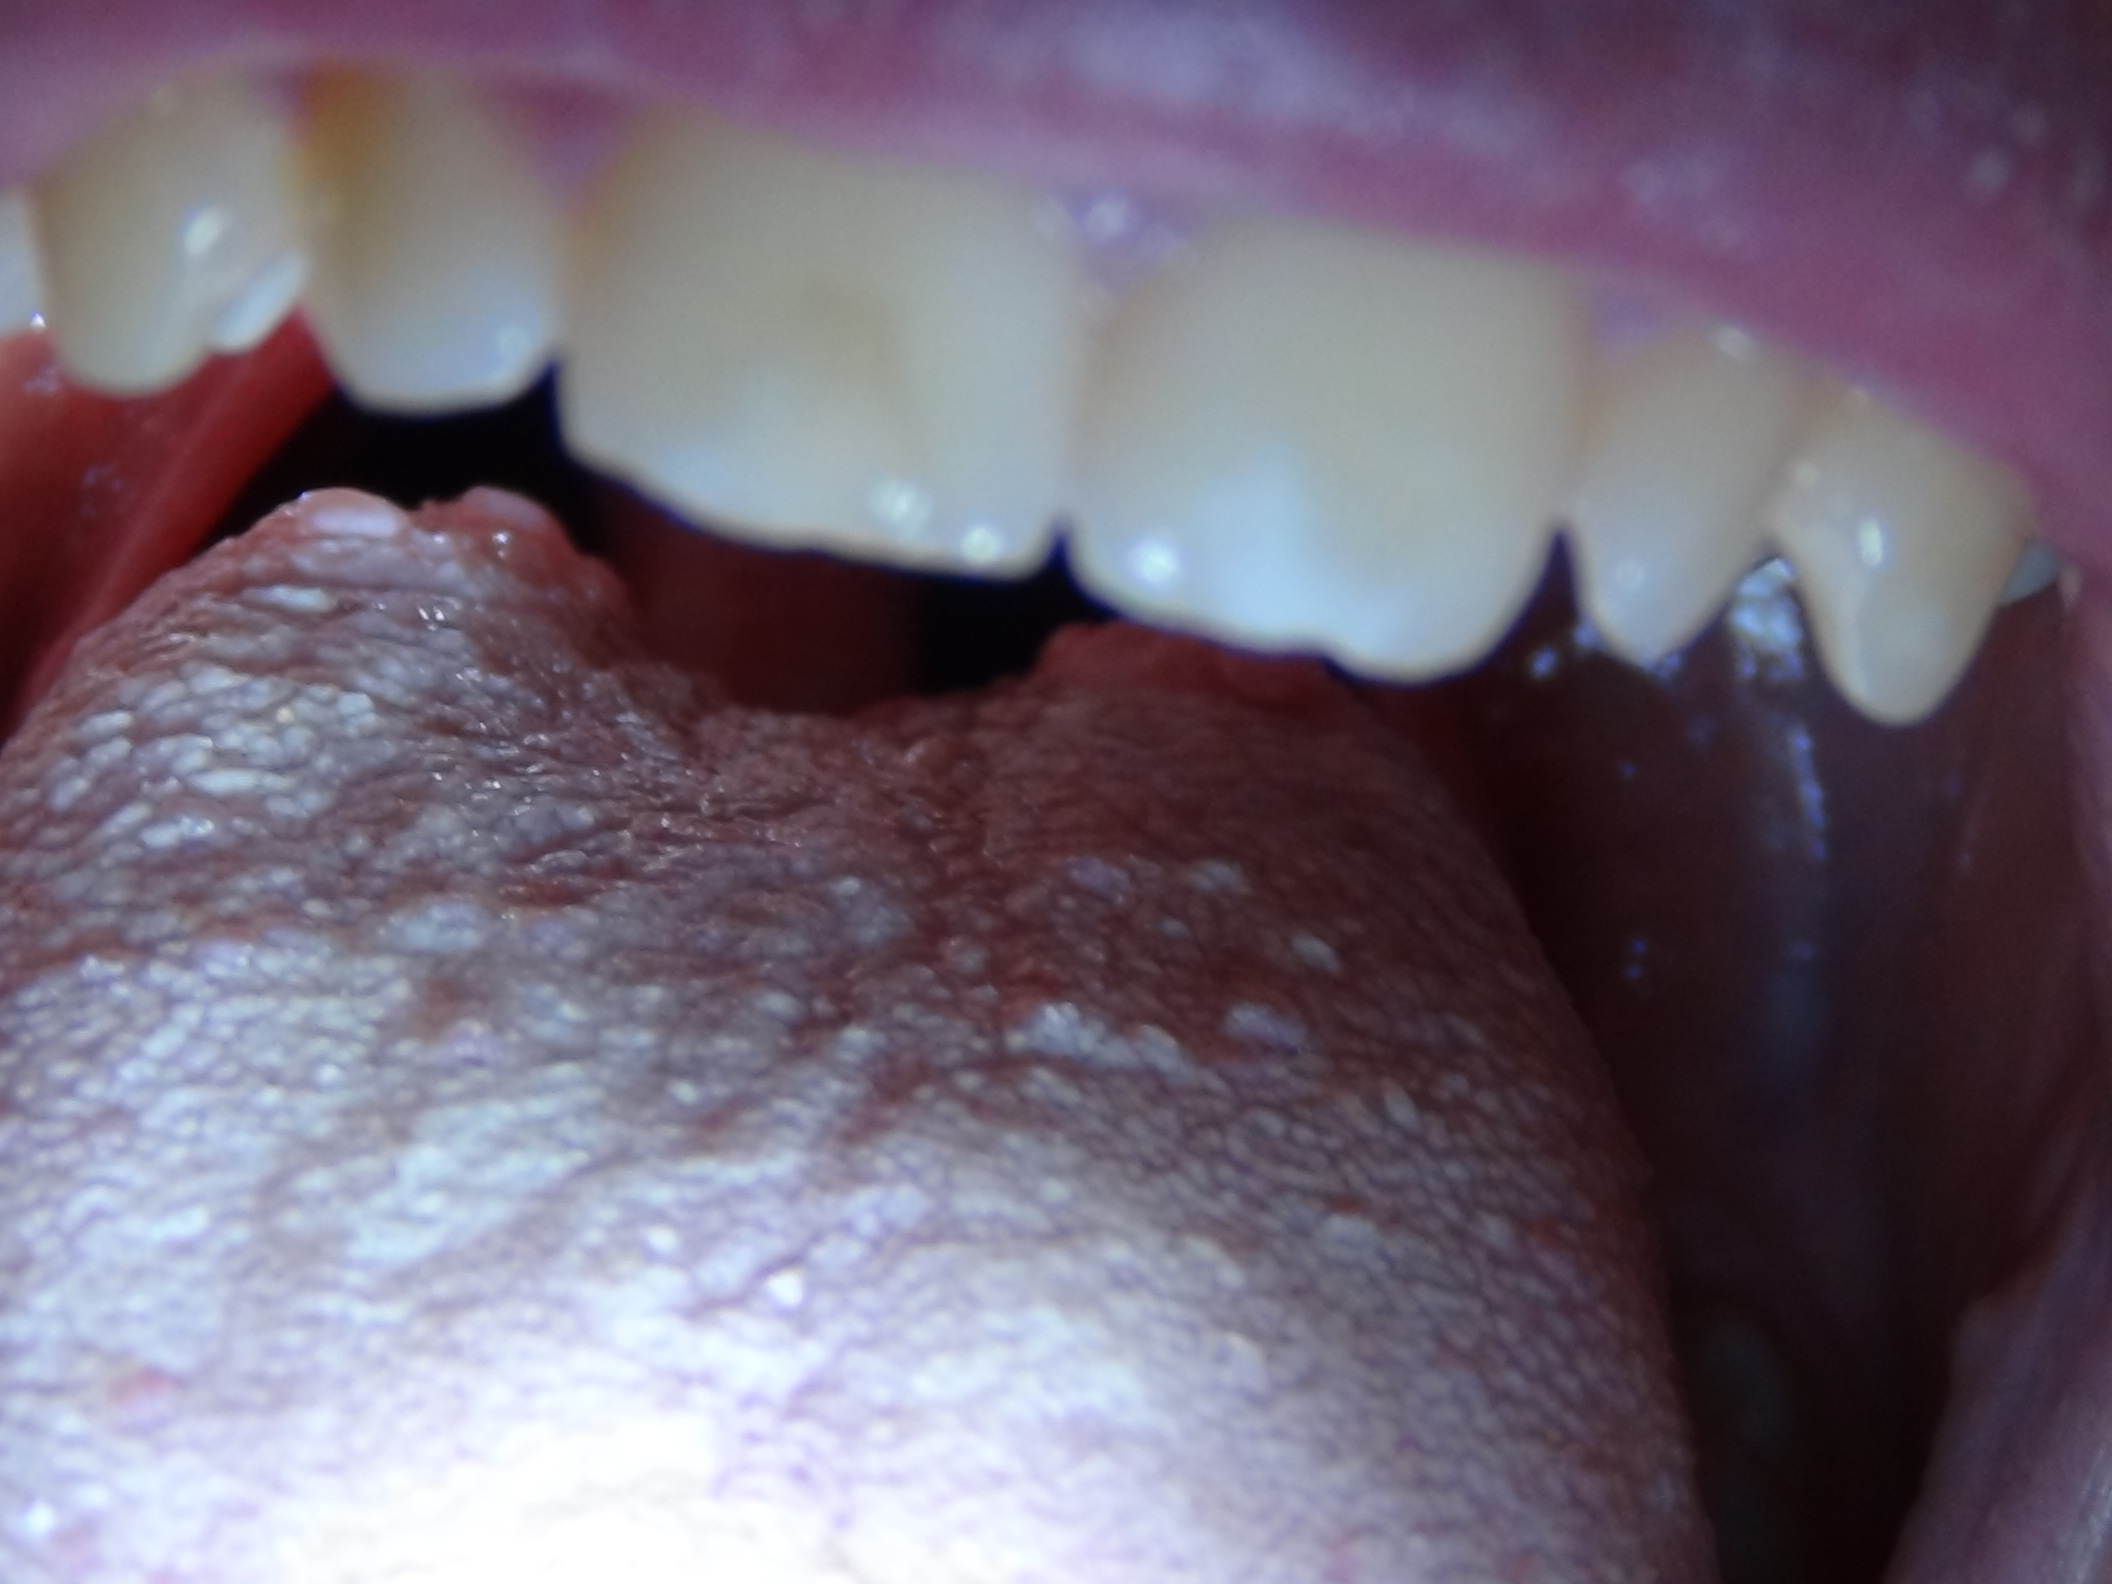 Geschw lste und knubbel am hinteren ende der zunge was tun gesundheit medizin schmerzen - Nasse fenster am morgen was tun ...